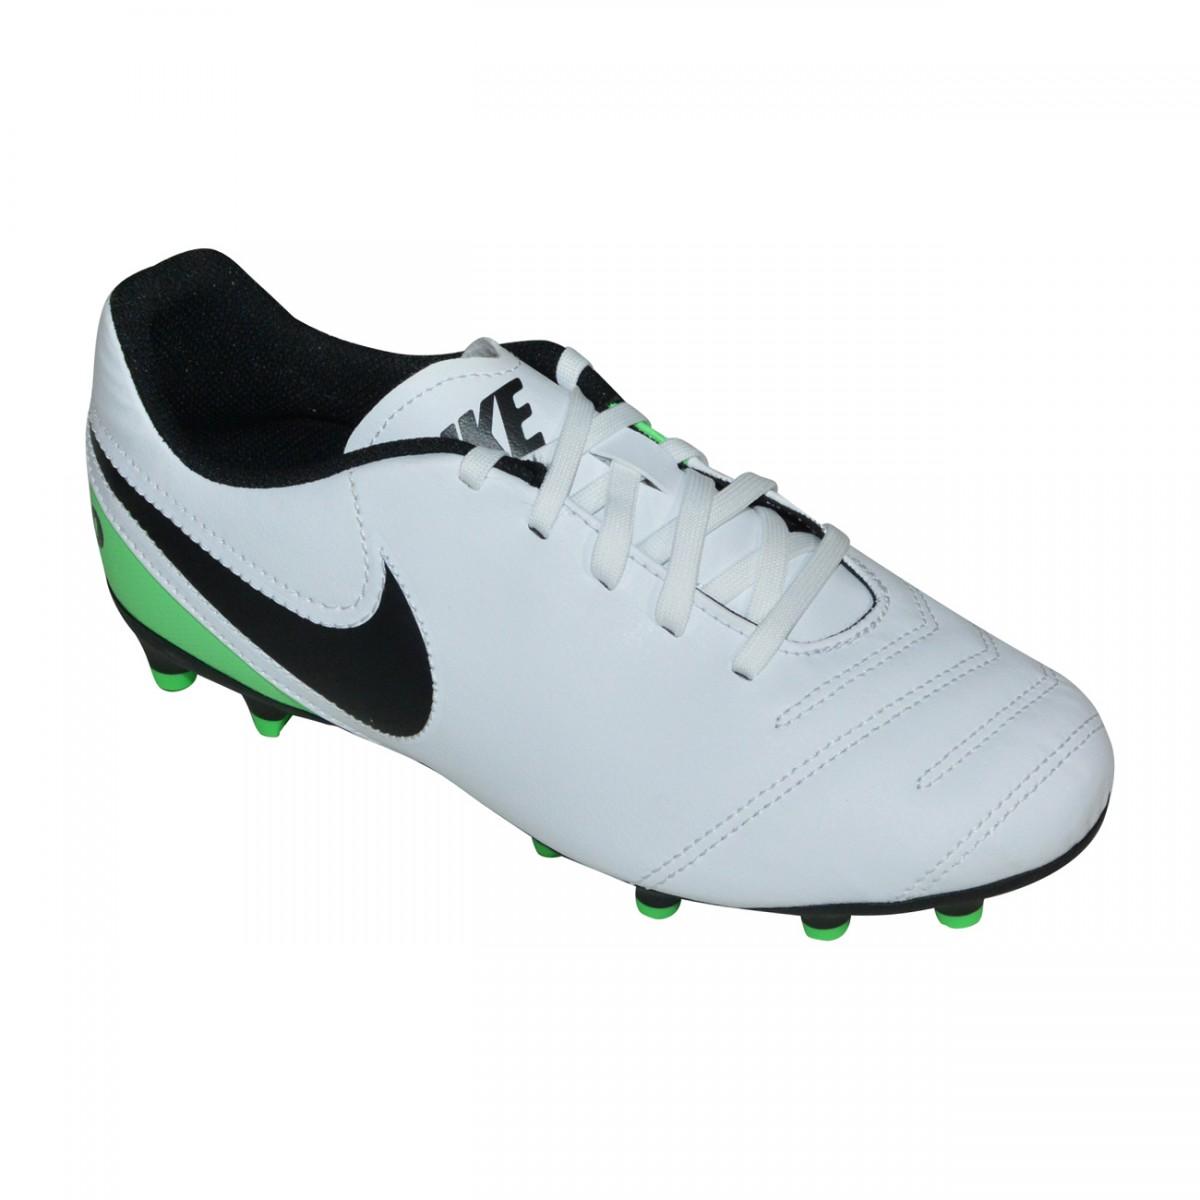 ad903b08c0 Chuteira Nike Tiempo Rio III Juvenil 819195 103 - Branco Preto Verde -  Chuteira Nike